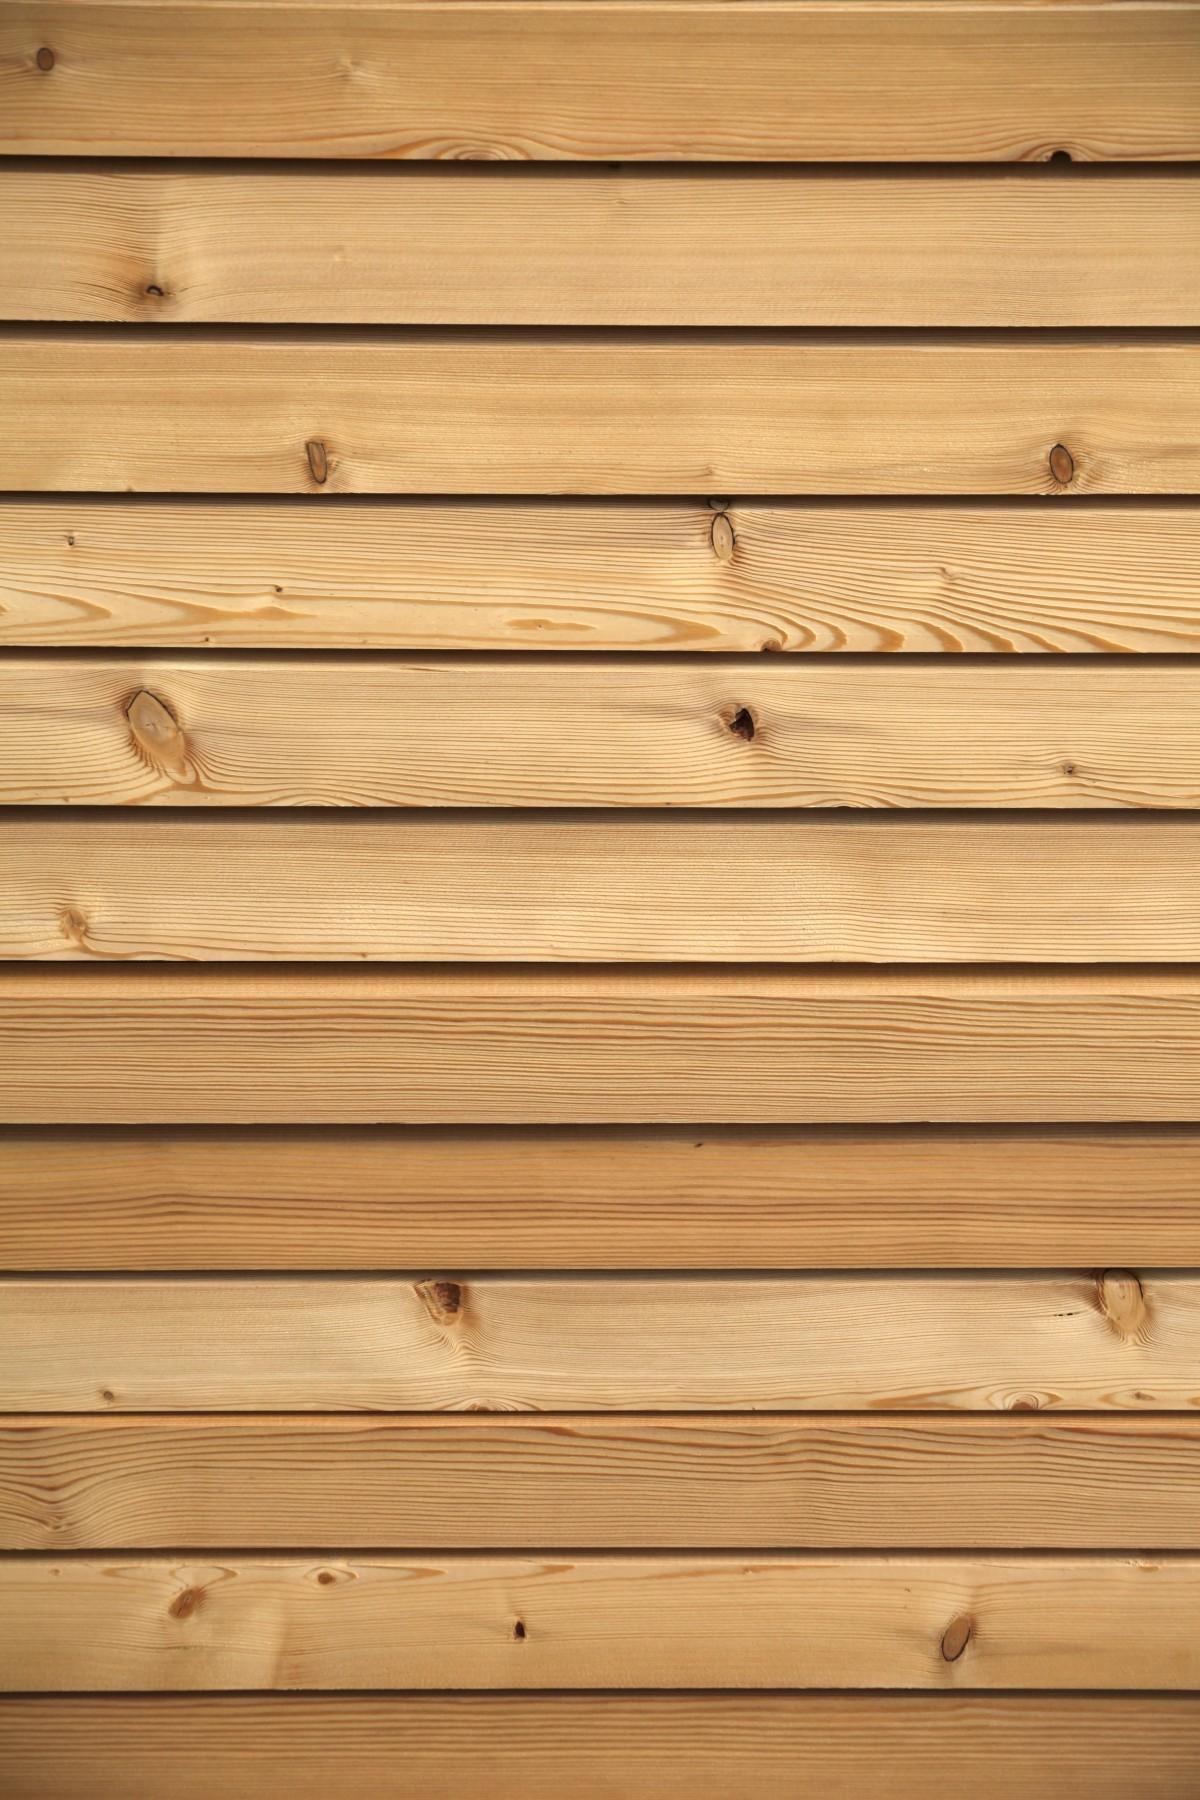 무료 이미지 : 구조, 판, 곡물, 조직, 널빤지, 갈색, 가구, 재목 ...